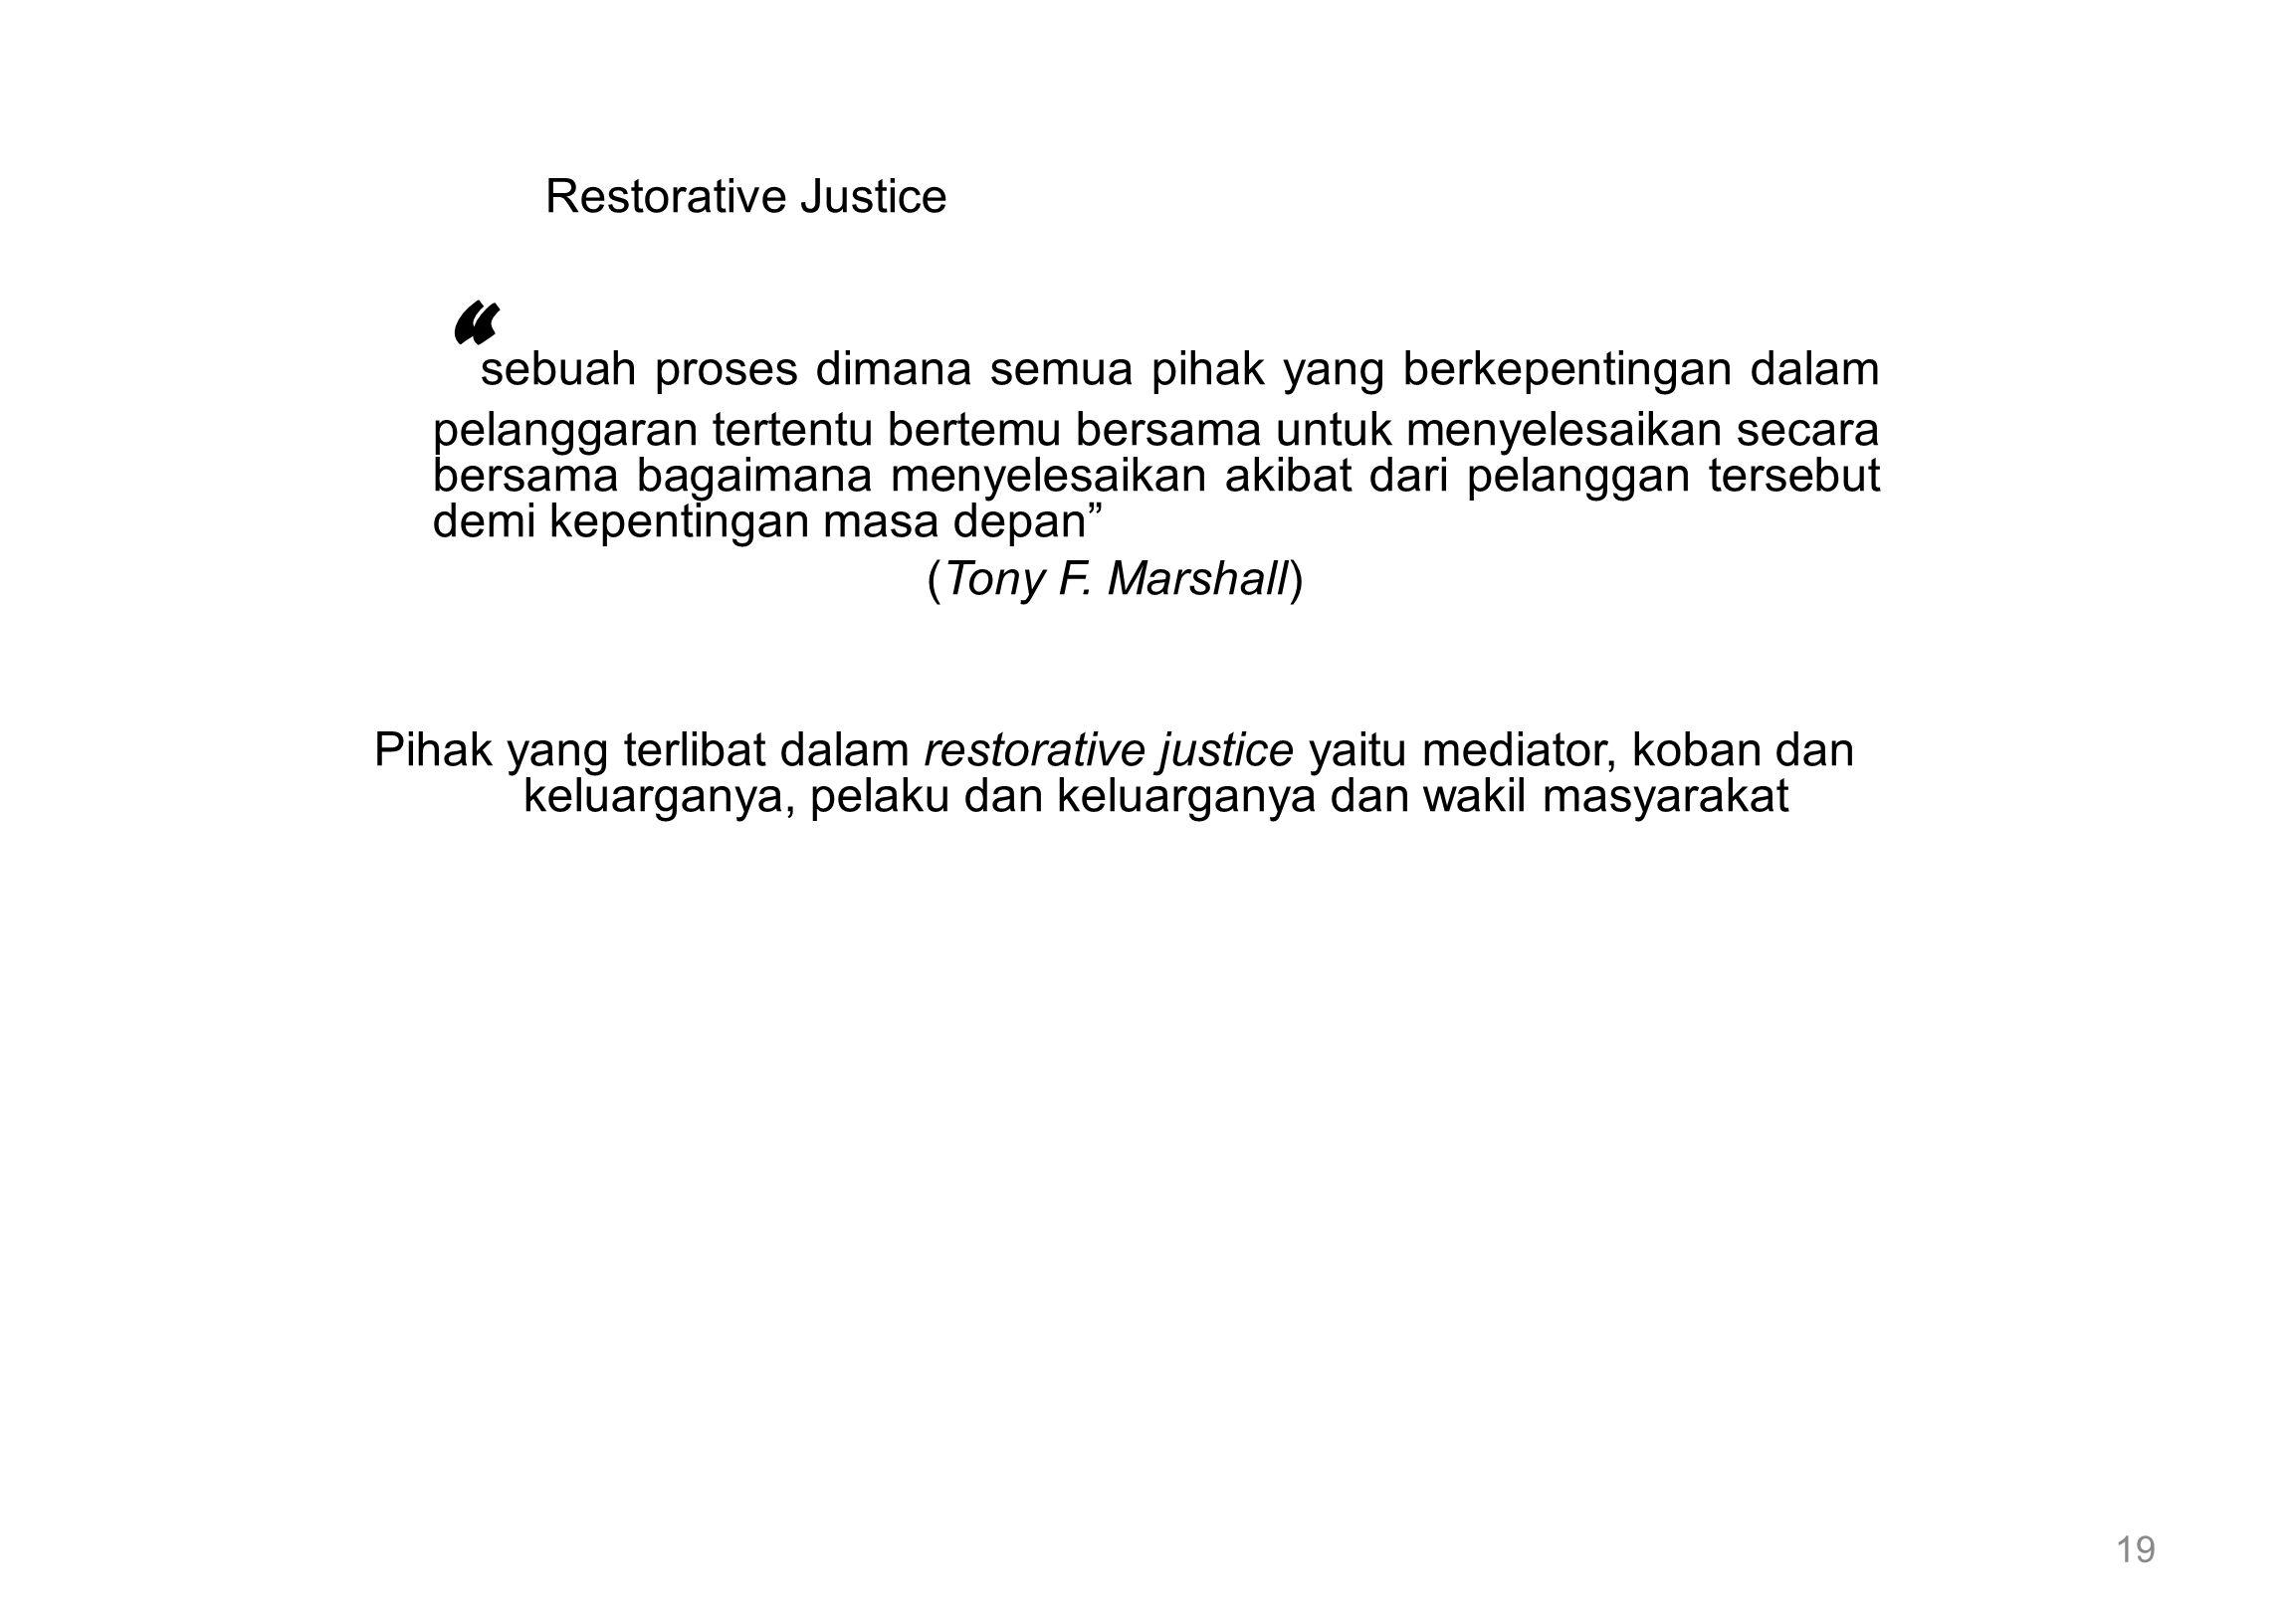 Restorative Justice sebuah proses dimana semua pihak yang berkepentingan dalam pelanggaran tertentu bertemu bersama untuk menyelesaikan secara bersama bagaimana menyelesaikan akibat dari pelanggan tersebut demi kepentingan masa depan (Tony F.